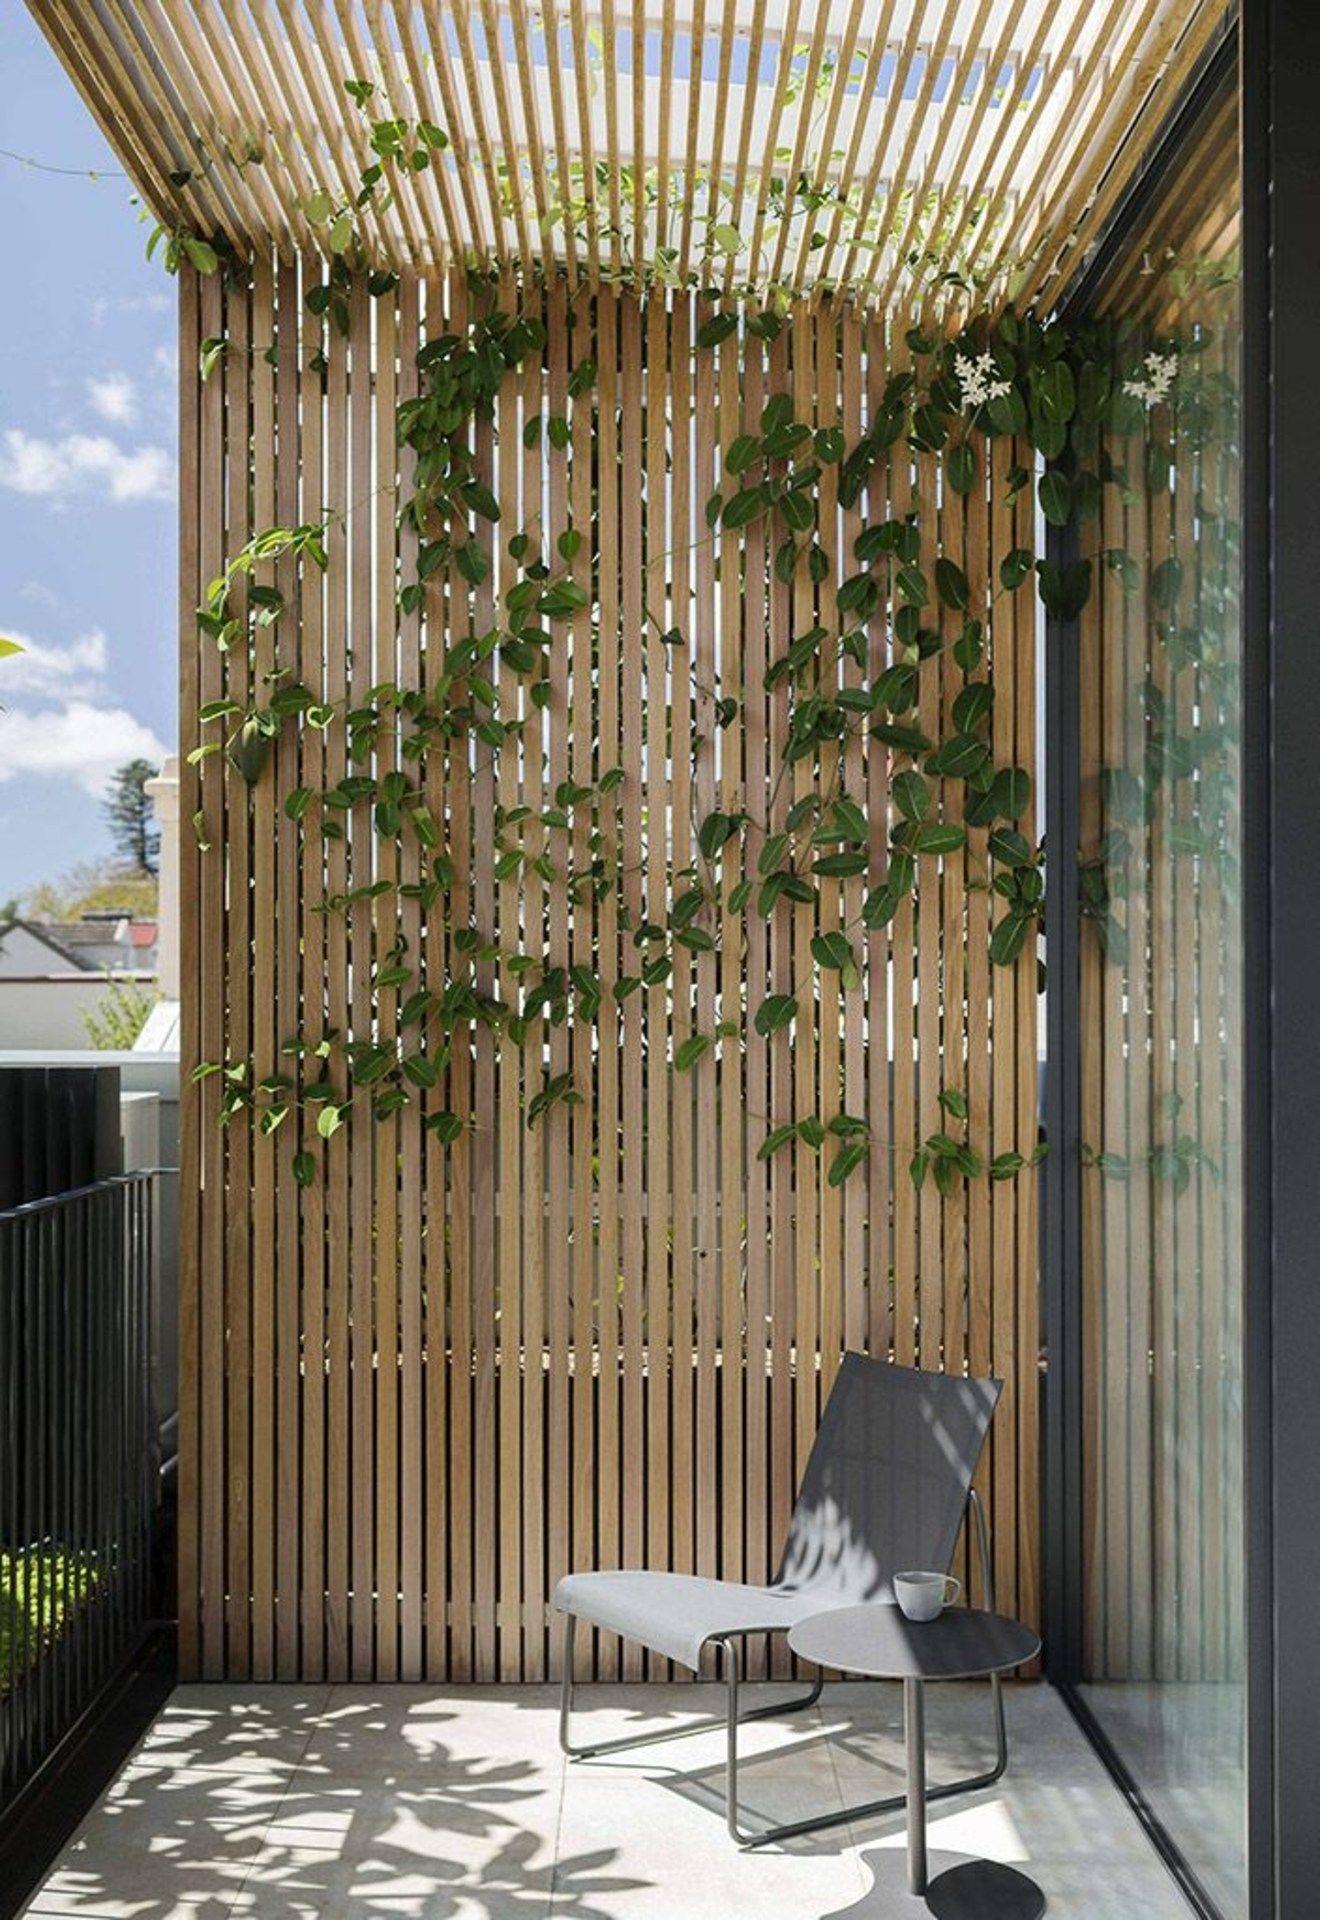 Déco balcon : nos inspirations pour un petit extérieur stylé #balcony